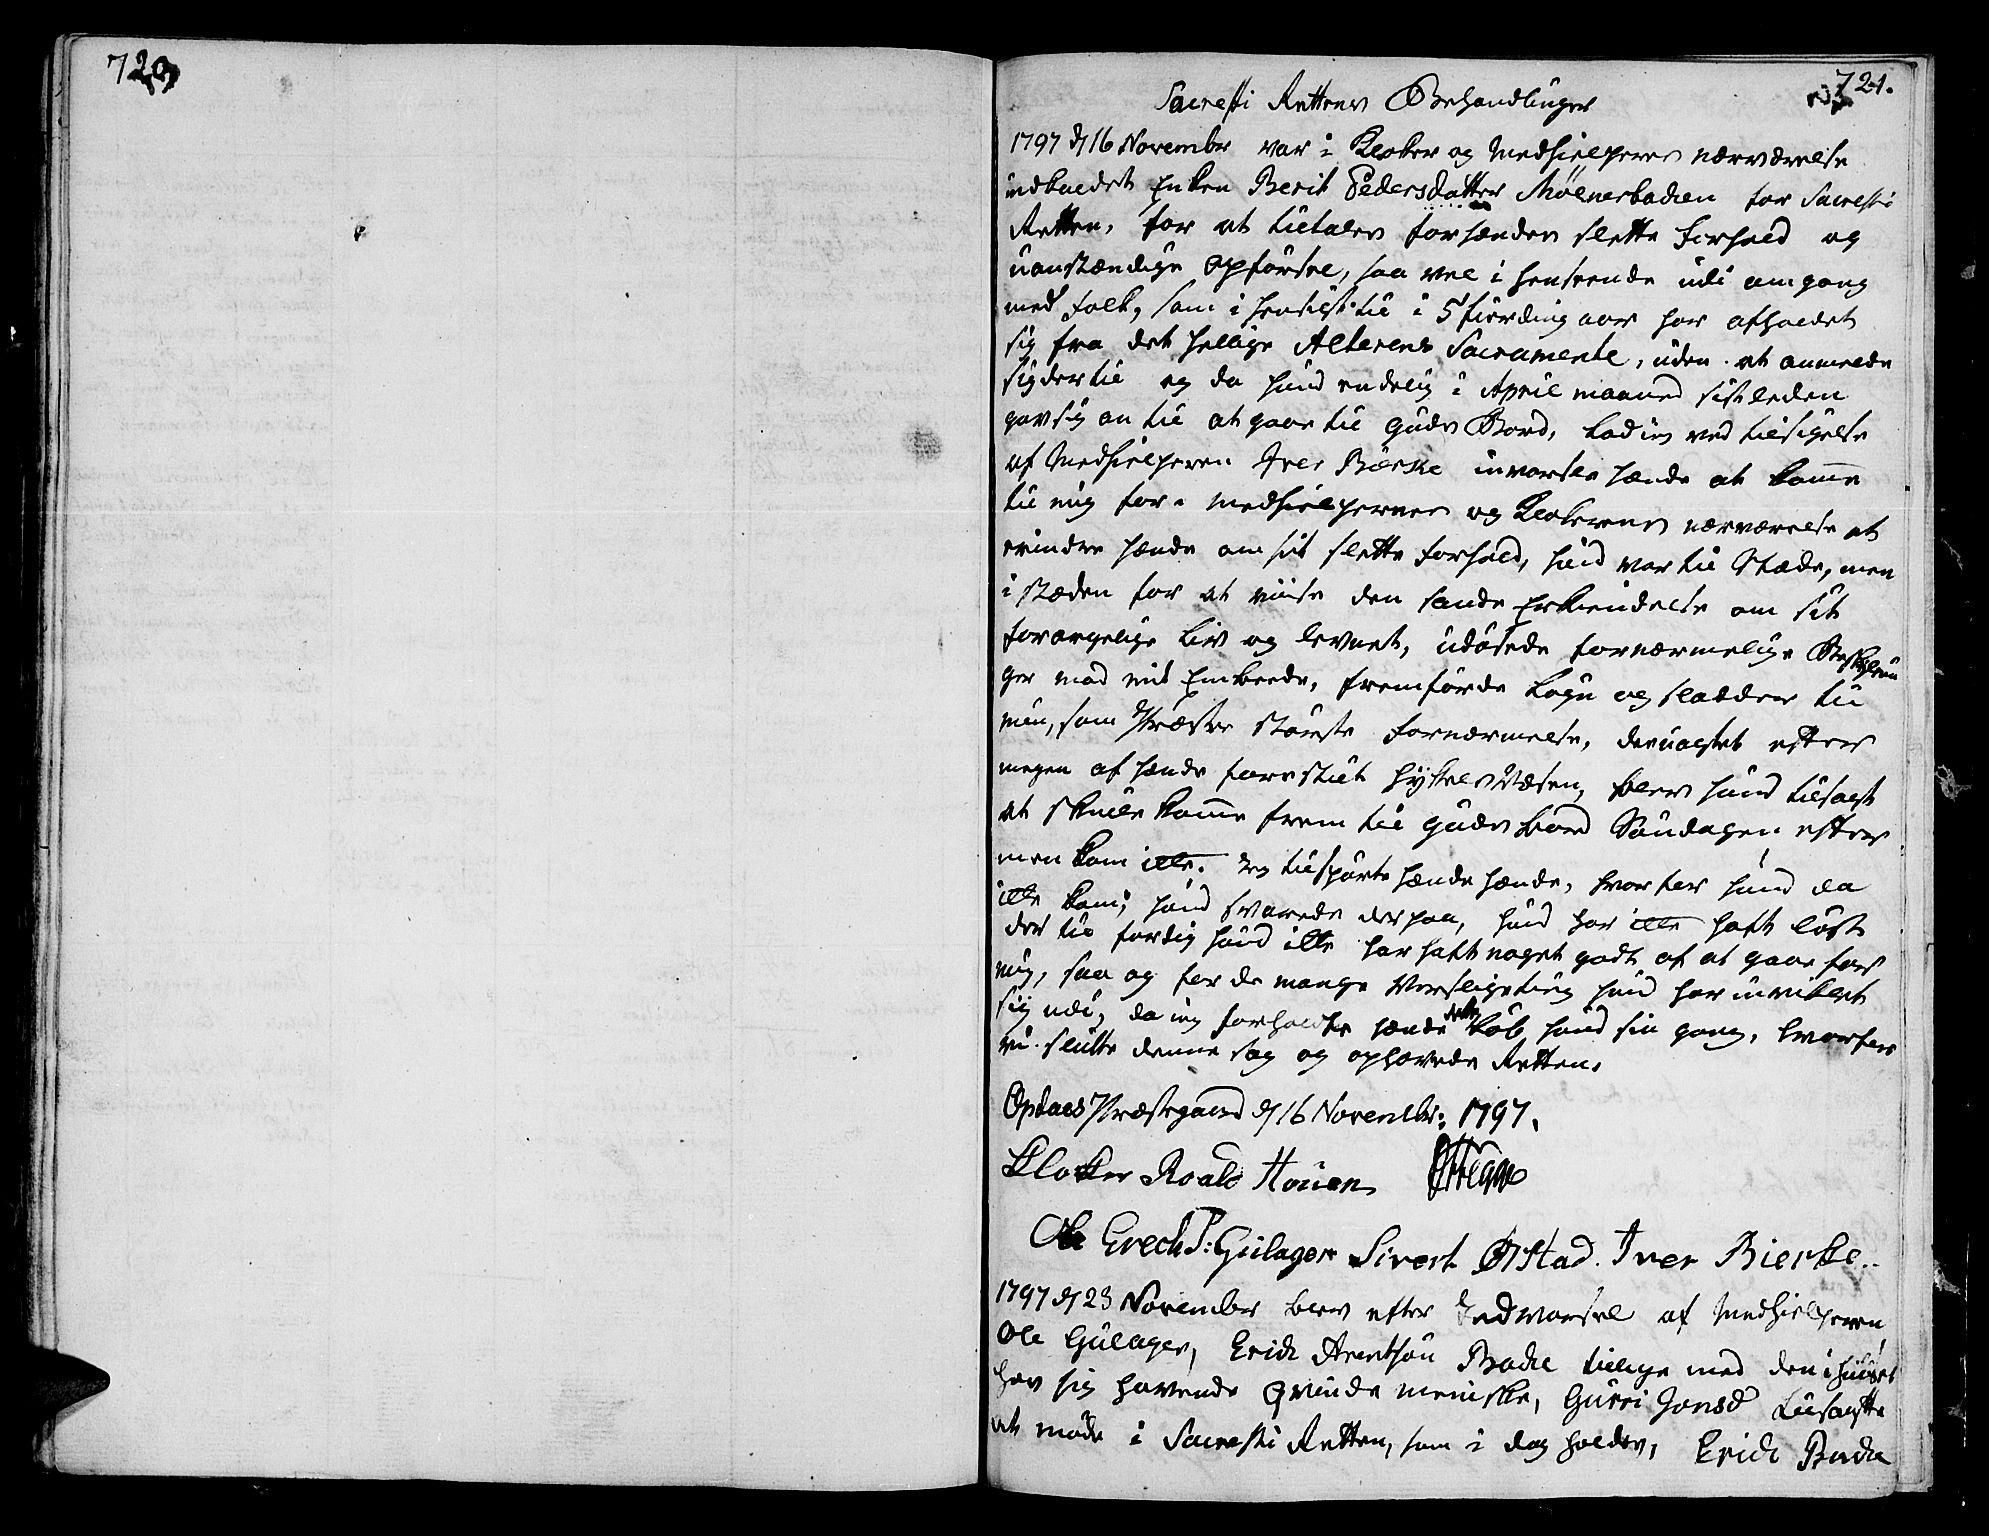 SAT, Ministerialprotokoller, klokkerbøker og fødselsregistre - Sør-Trøndelag, 678/L0893: Ministerialbok nr. 678A03, 1792-1805, s. 720-721